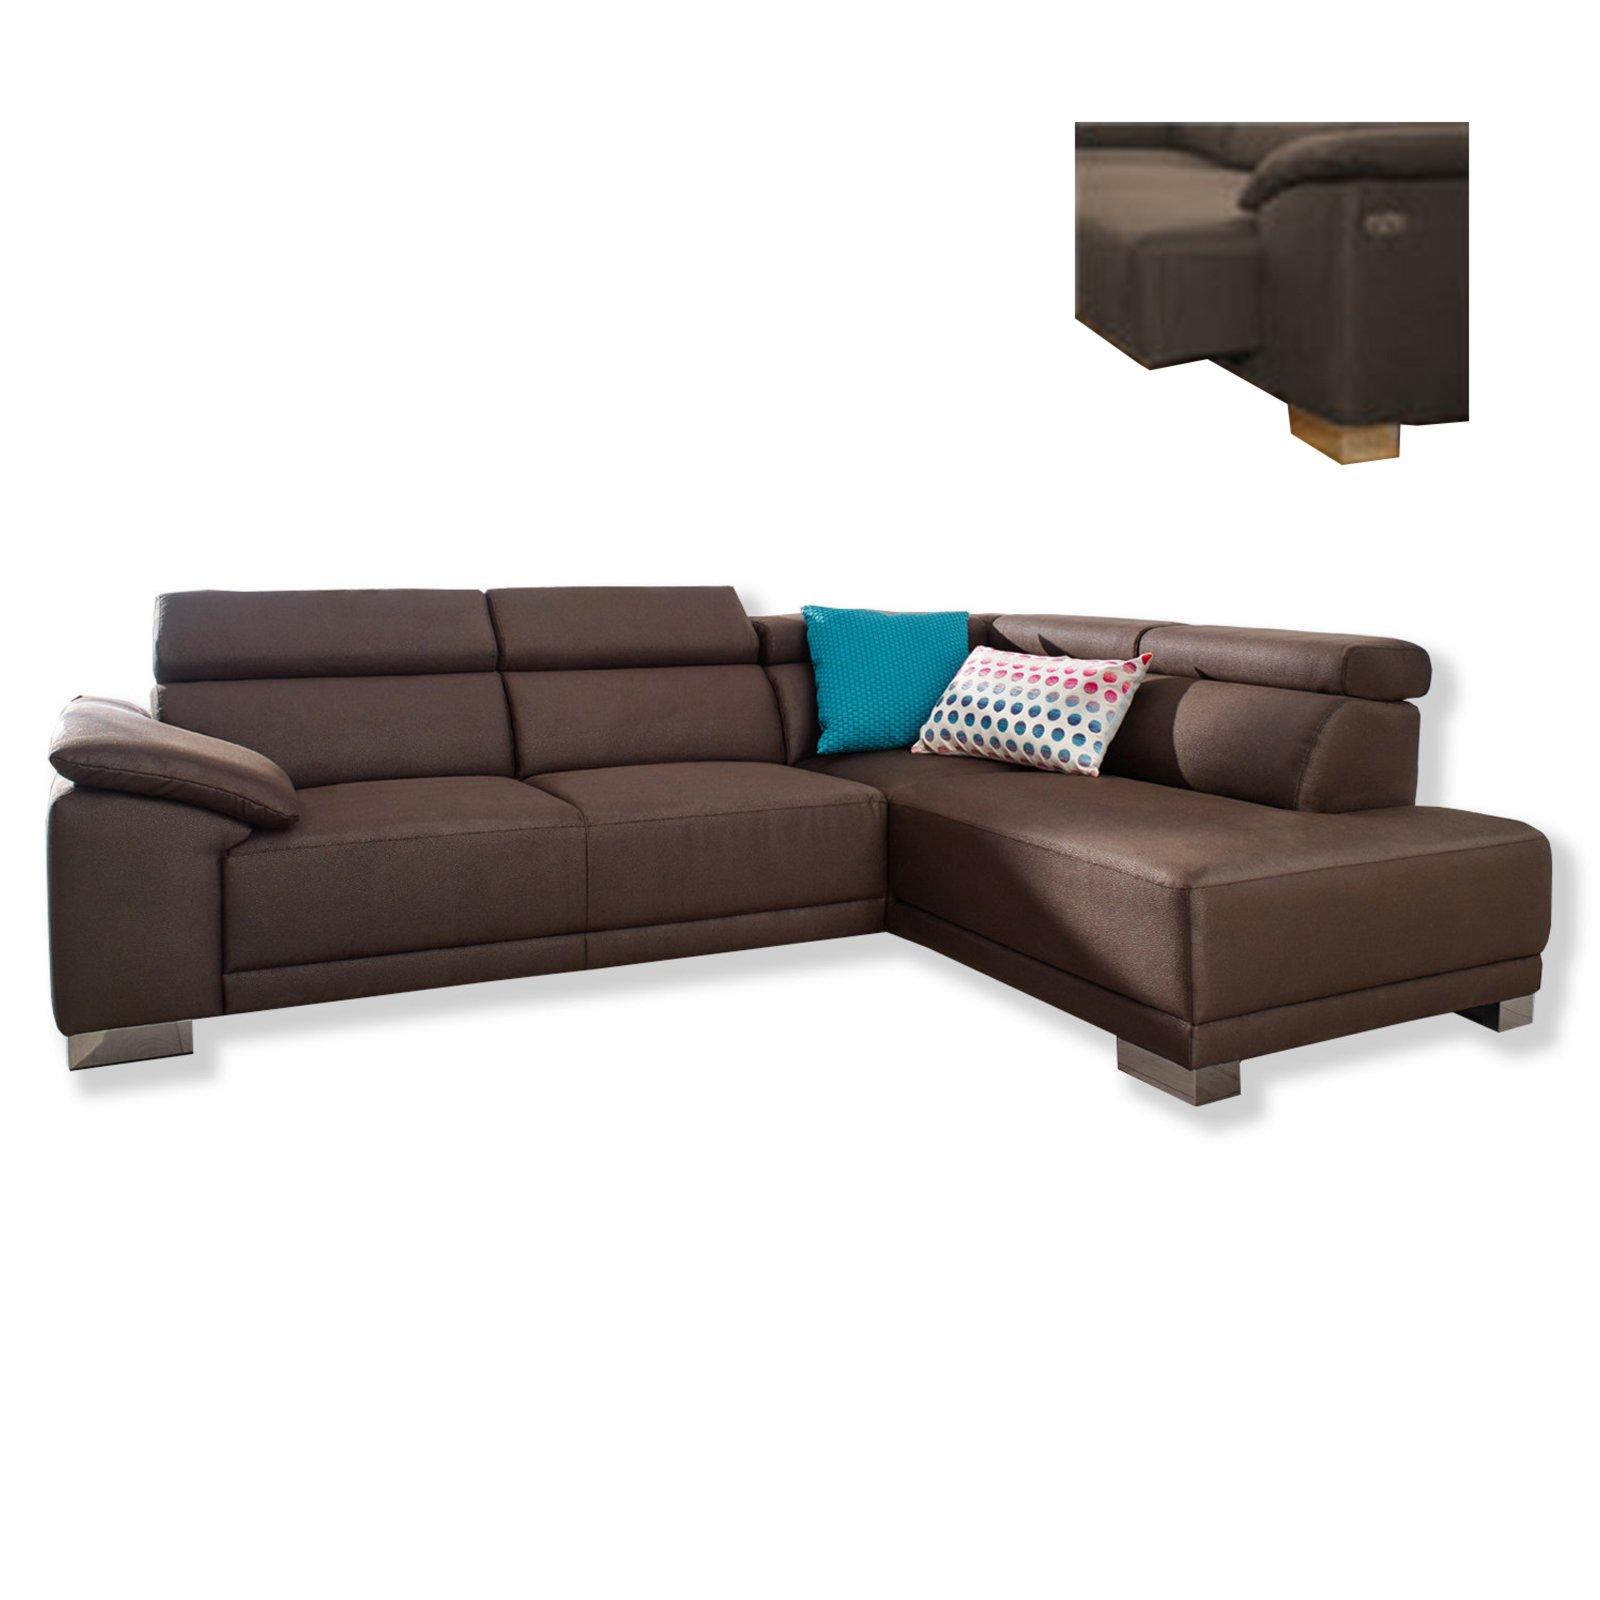 ecksofa braun mit sitzvorzug und kopfteilverstellung ecksofas l form sofas couches. Black Bedroom Furniture Sets. Home Design Ideas